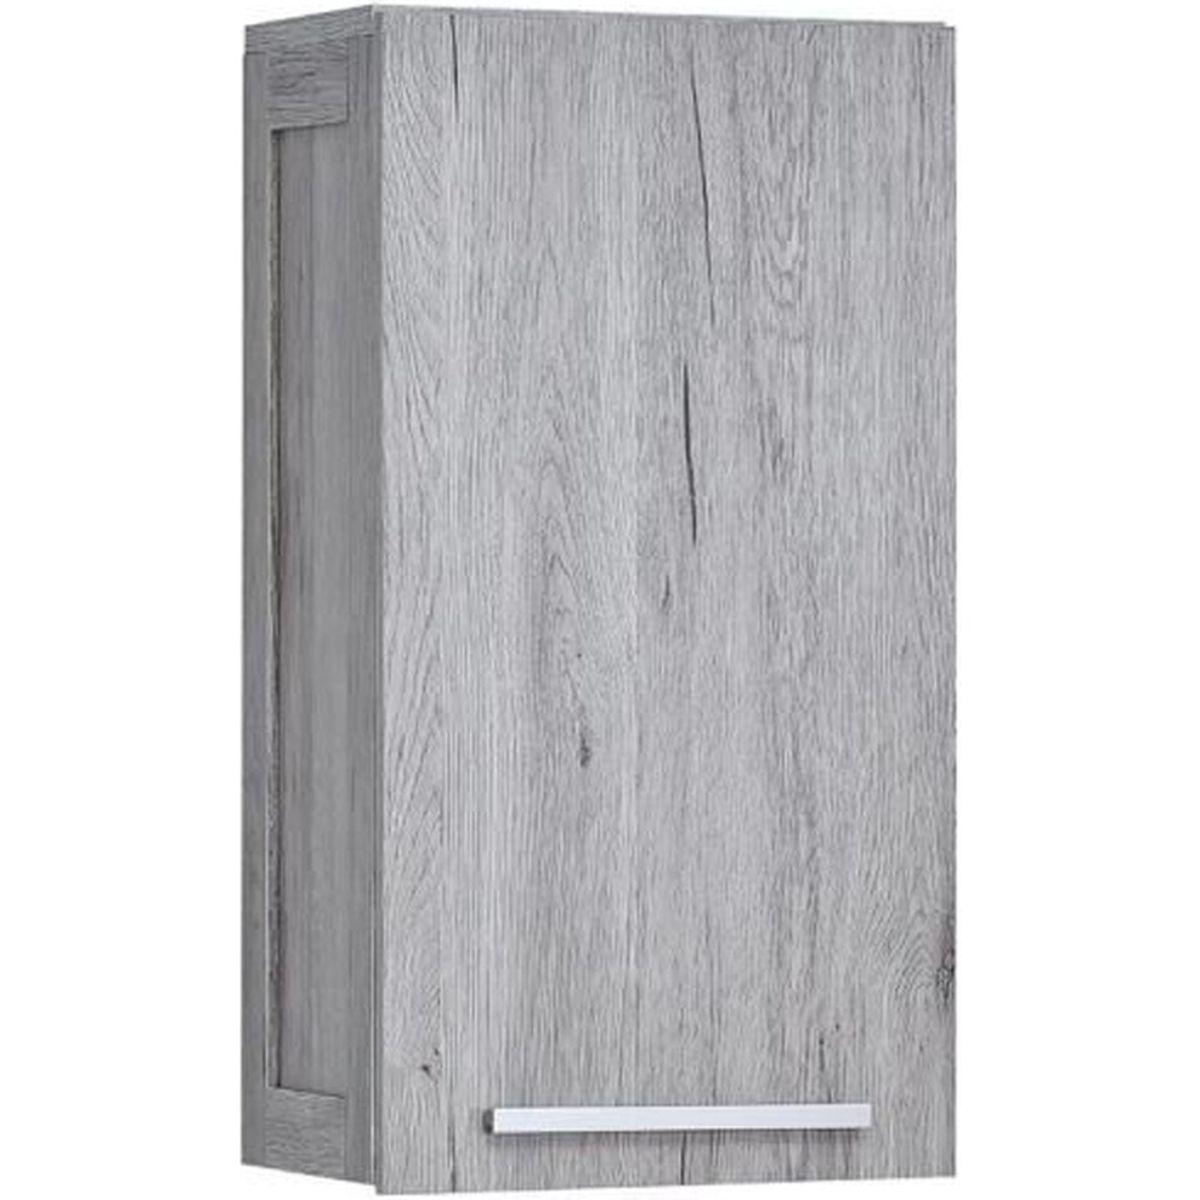 Meuble haut salle bain bois gris Parisienne